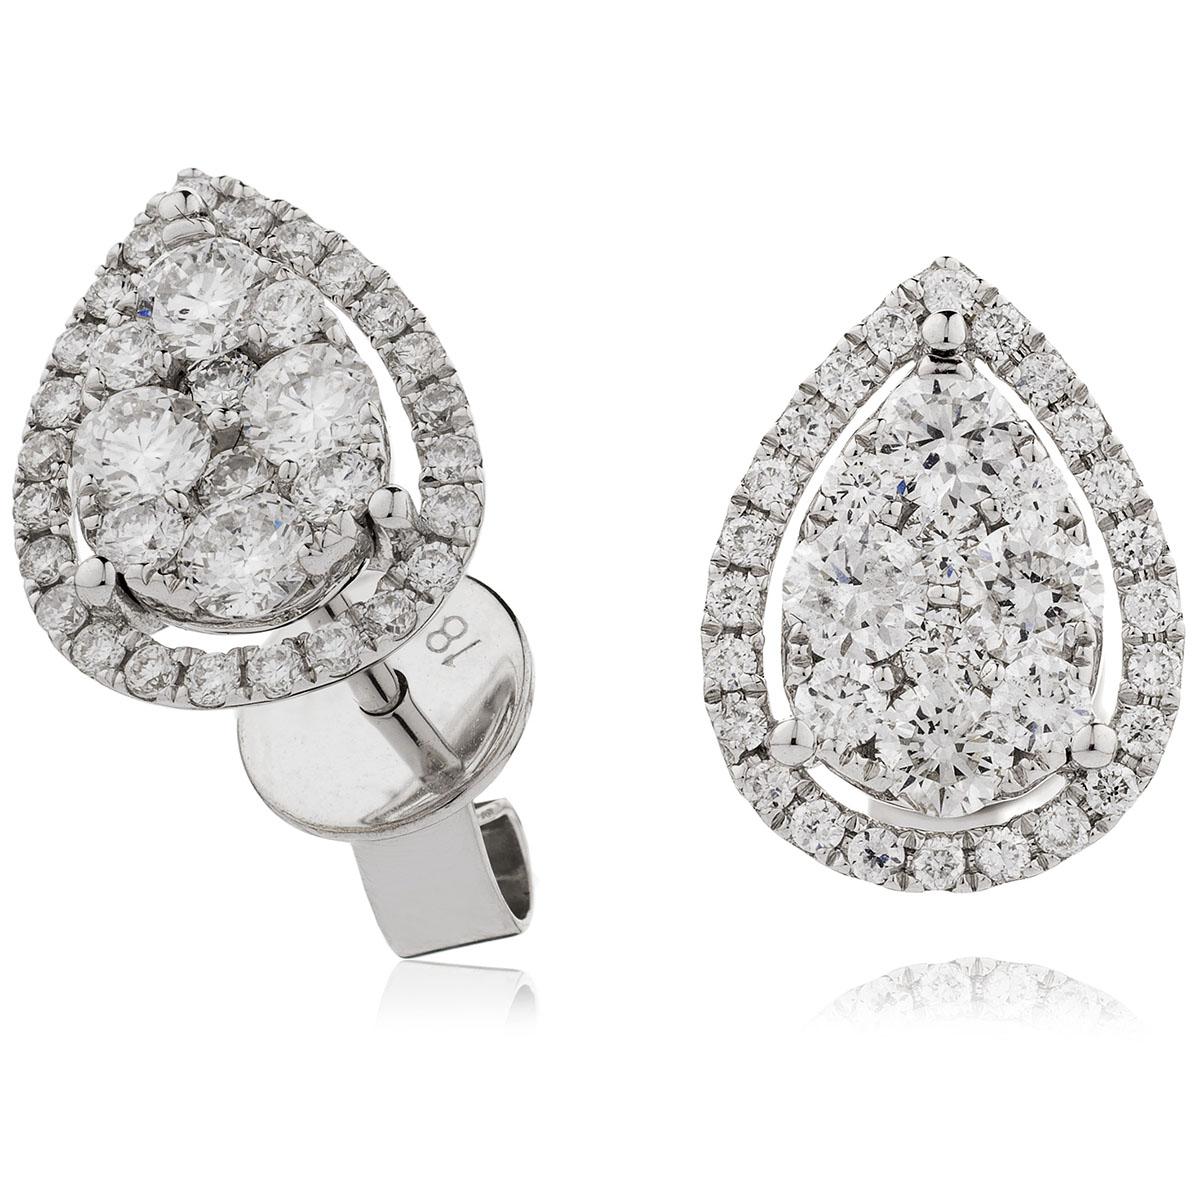 Teardrop Shape Medium Halo Pave Diamond Earrings Studs